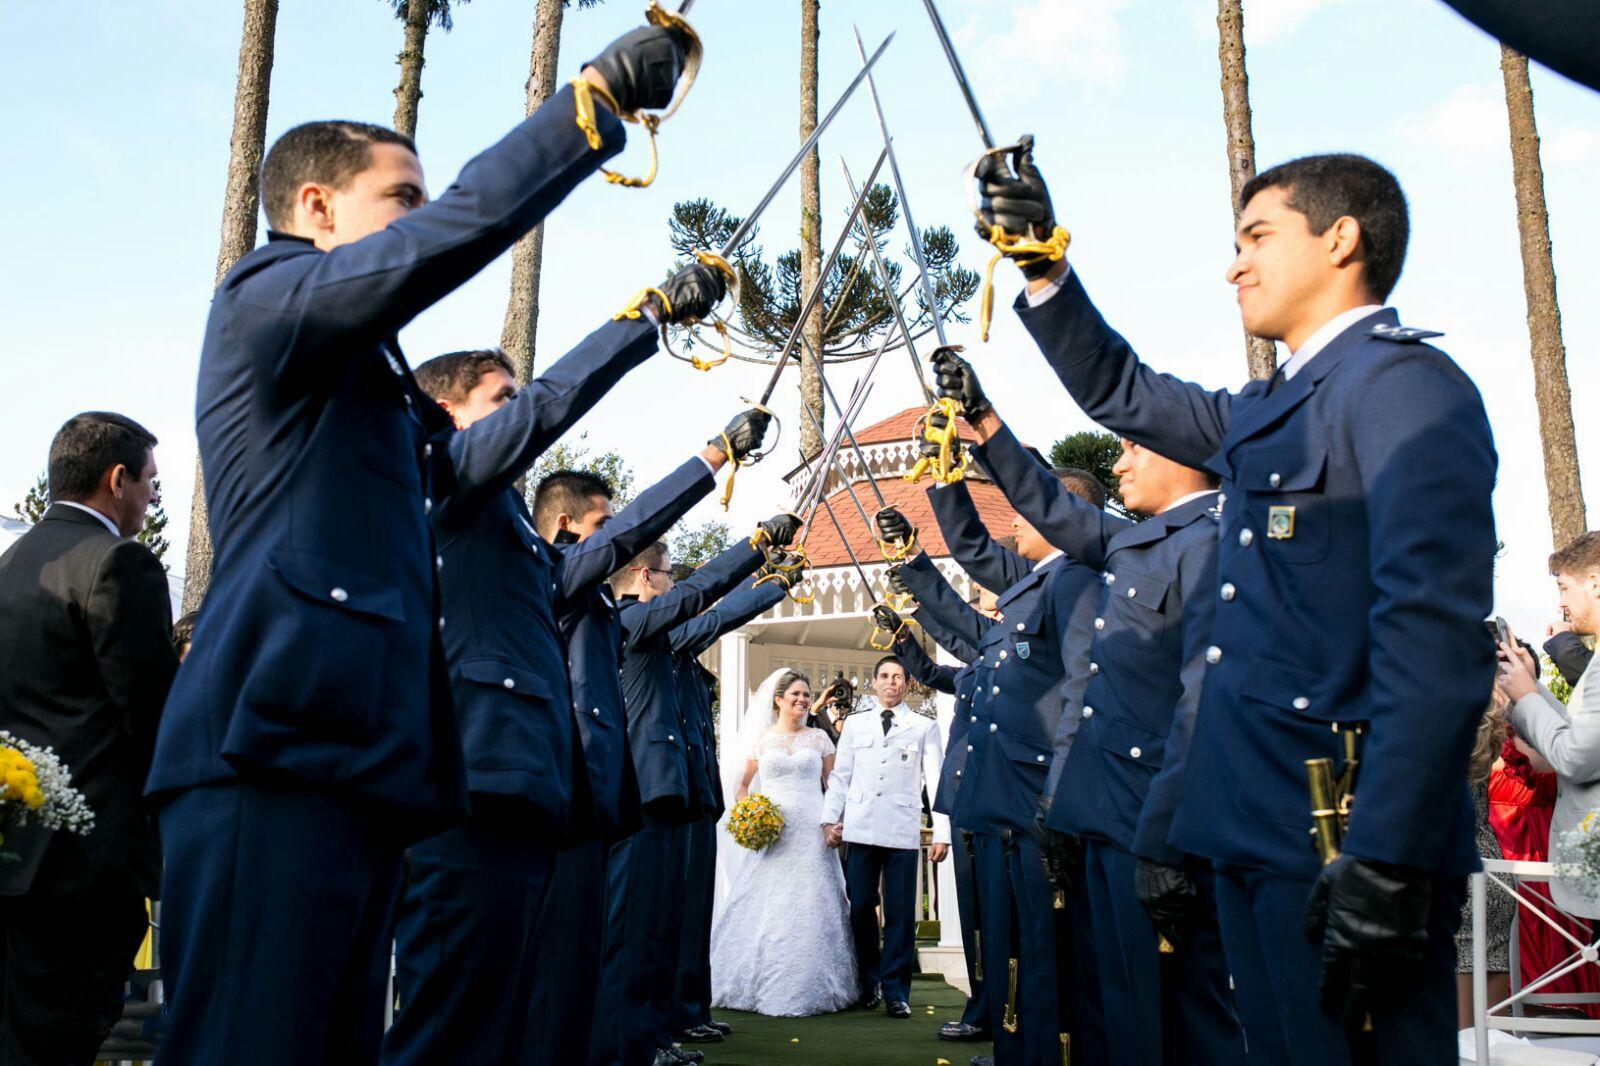 Casamento militar: aprenda as principais tradições da cerimônia!